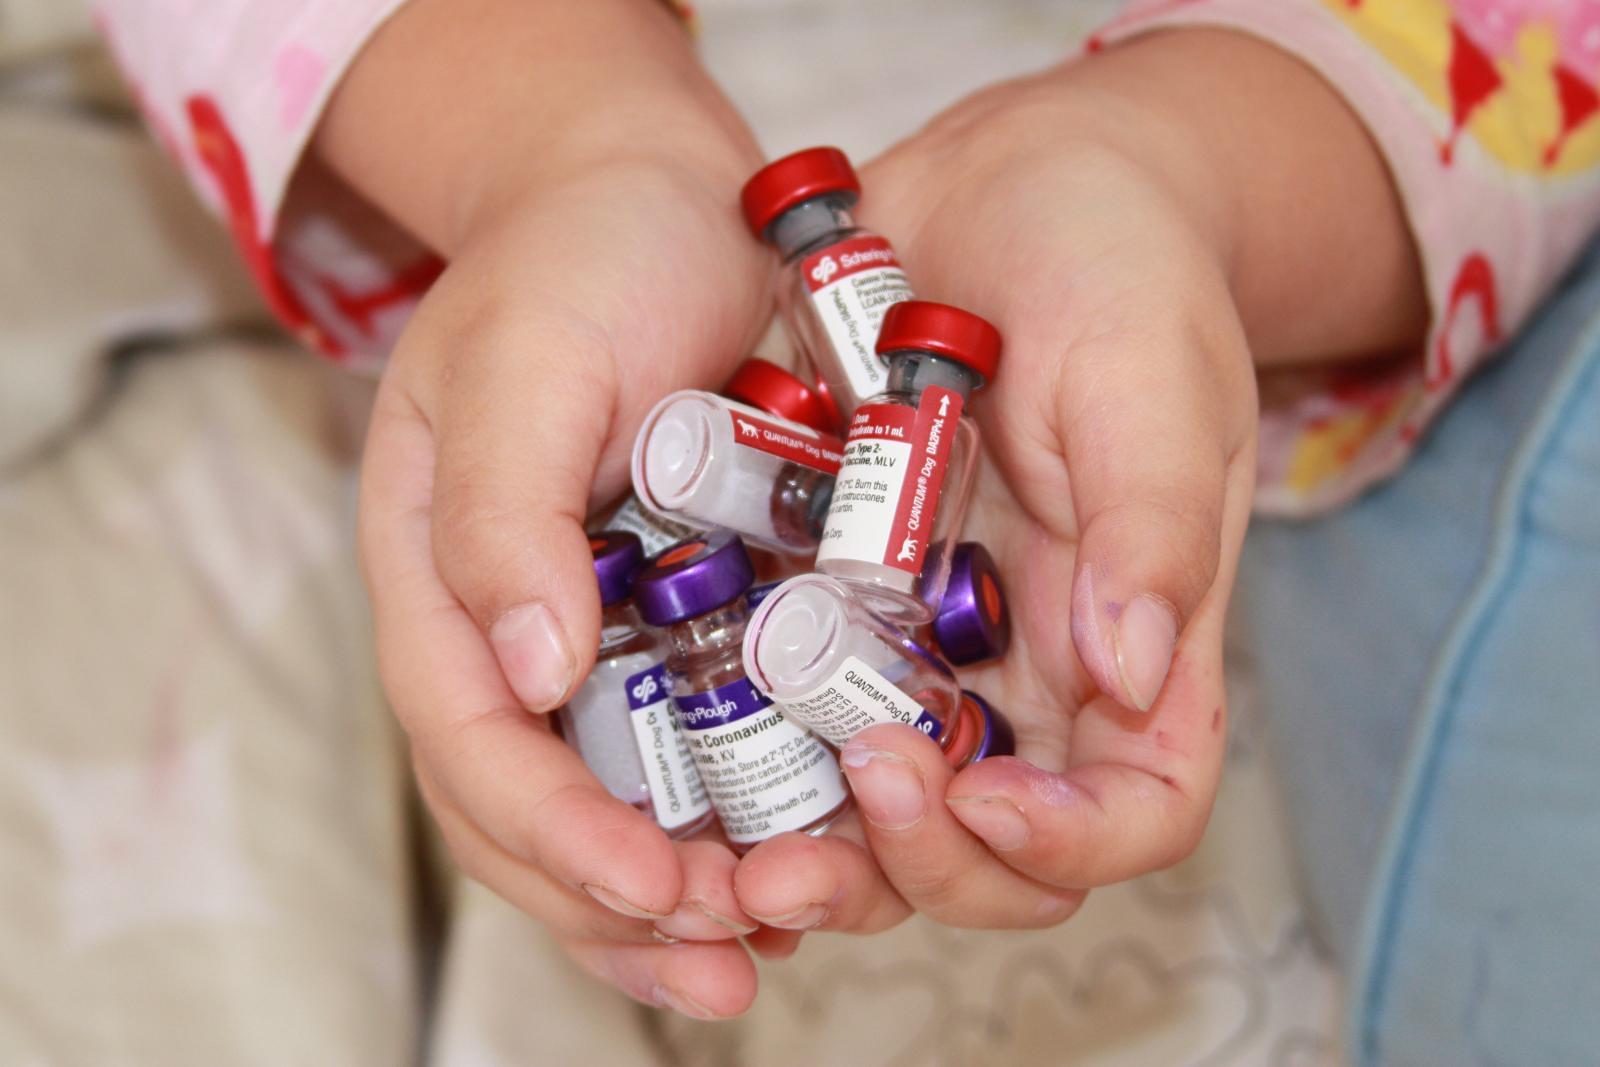 تأكد من حصول أطفالك على جميع التطعيمات الخاصة بهم